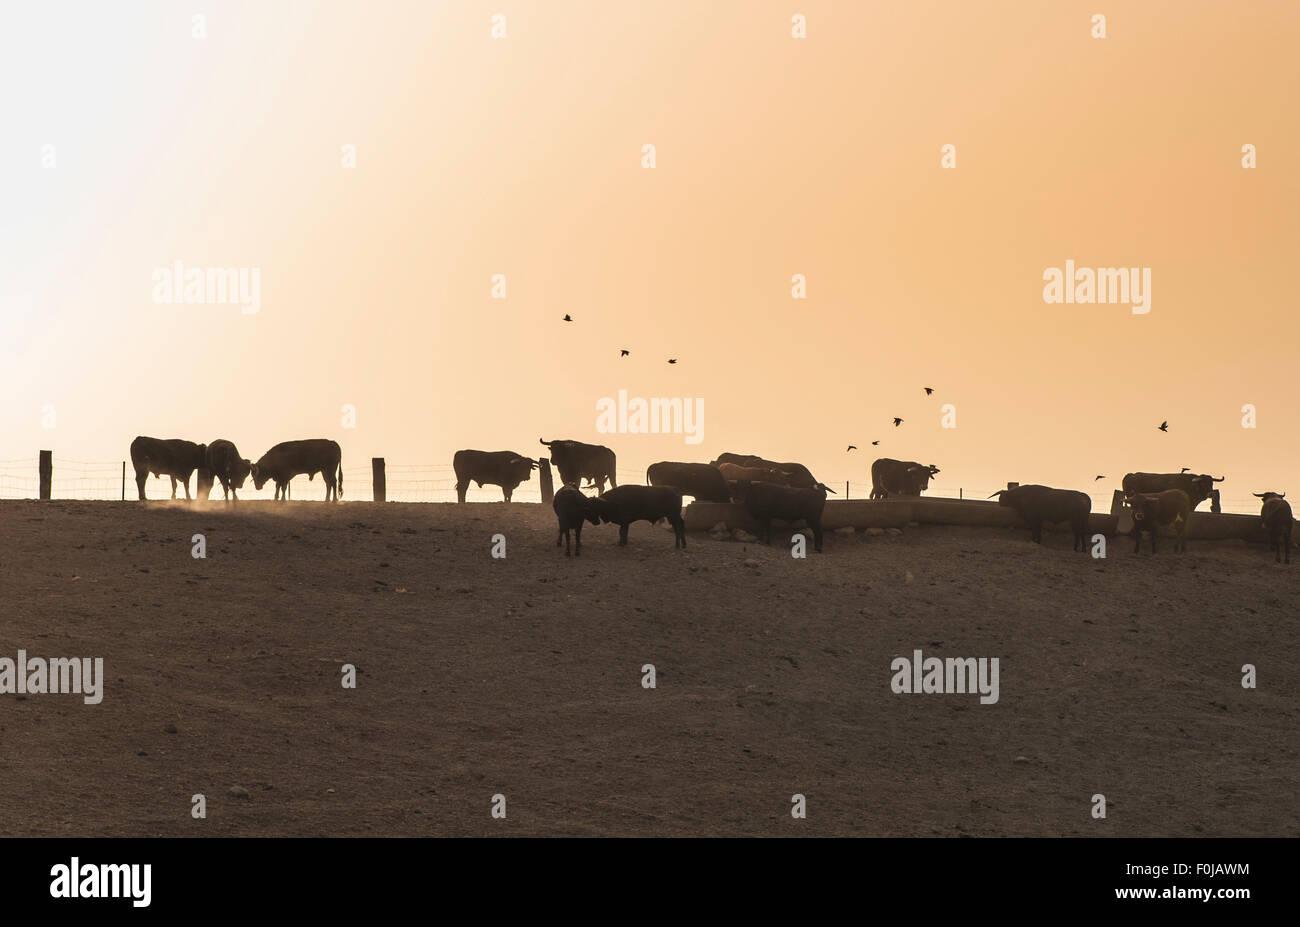 Bulls on a farm. Spain Stock Photo